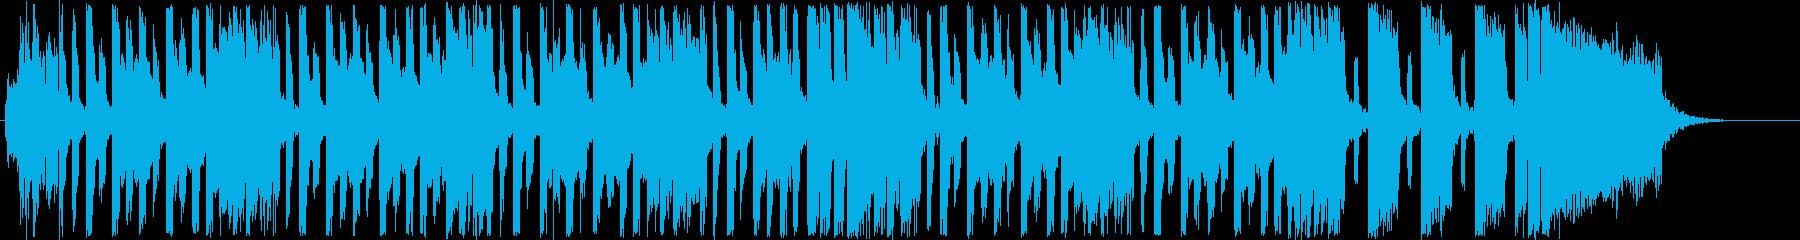 ポップなメロディーのエレキギターの音の再生済みの波形